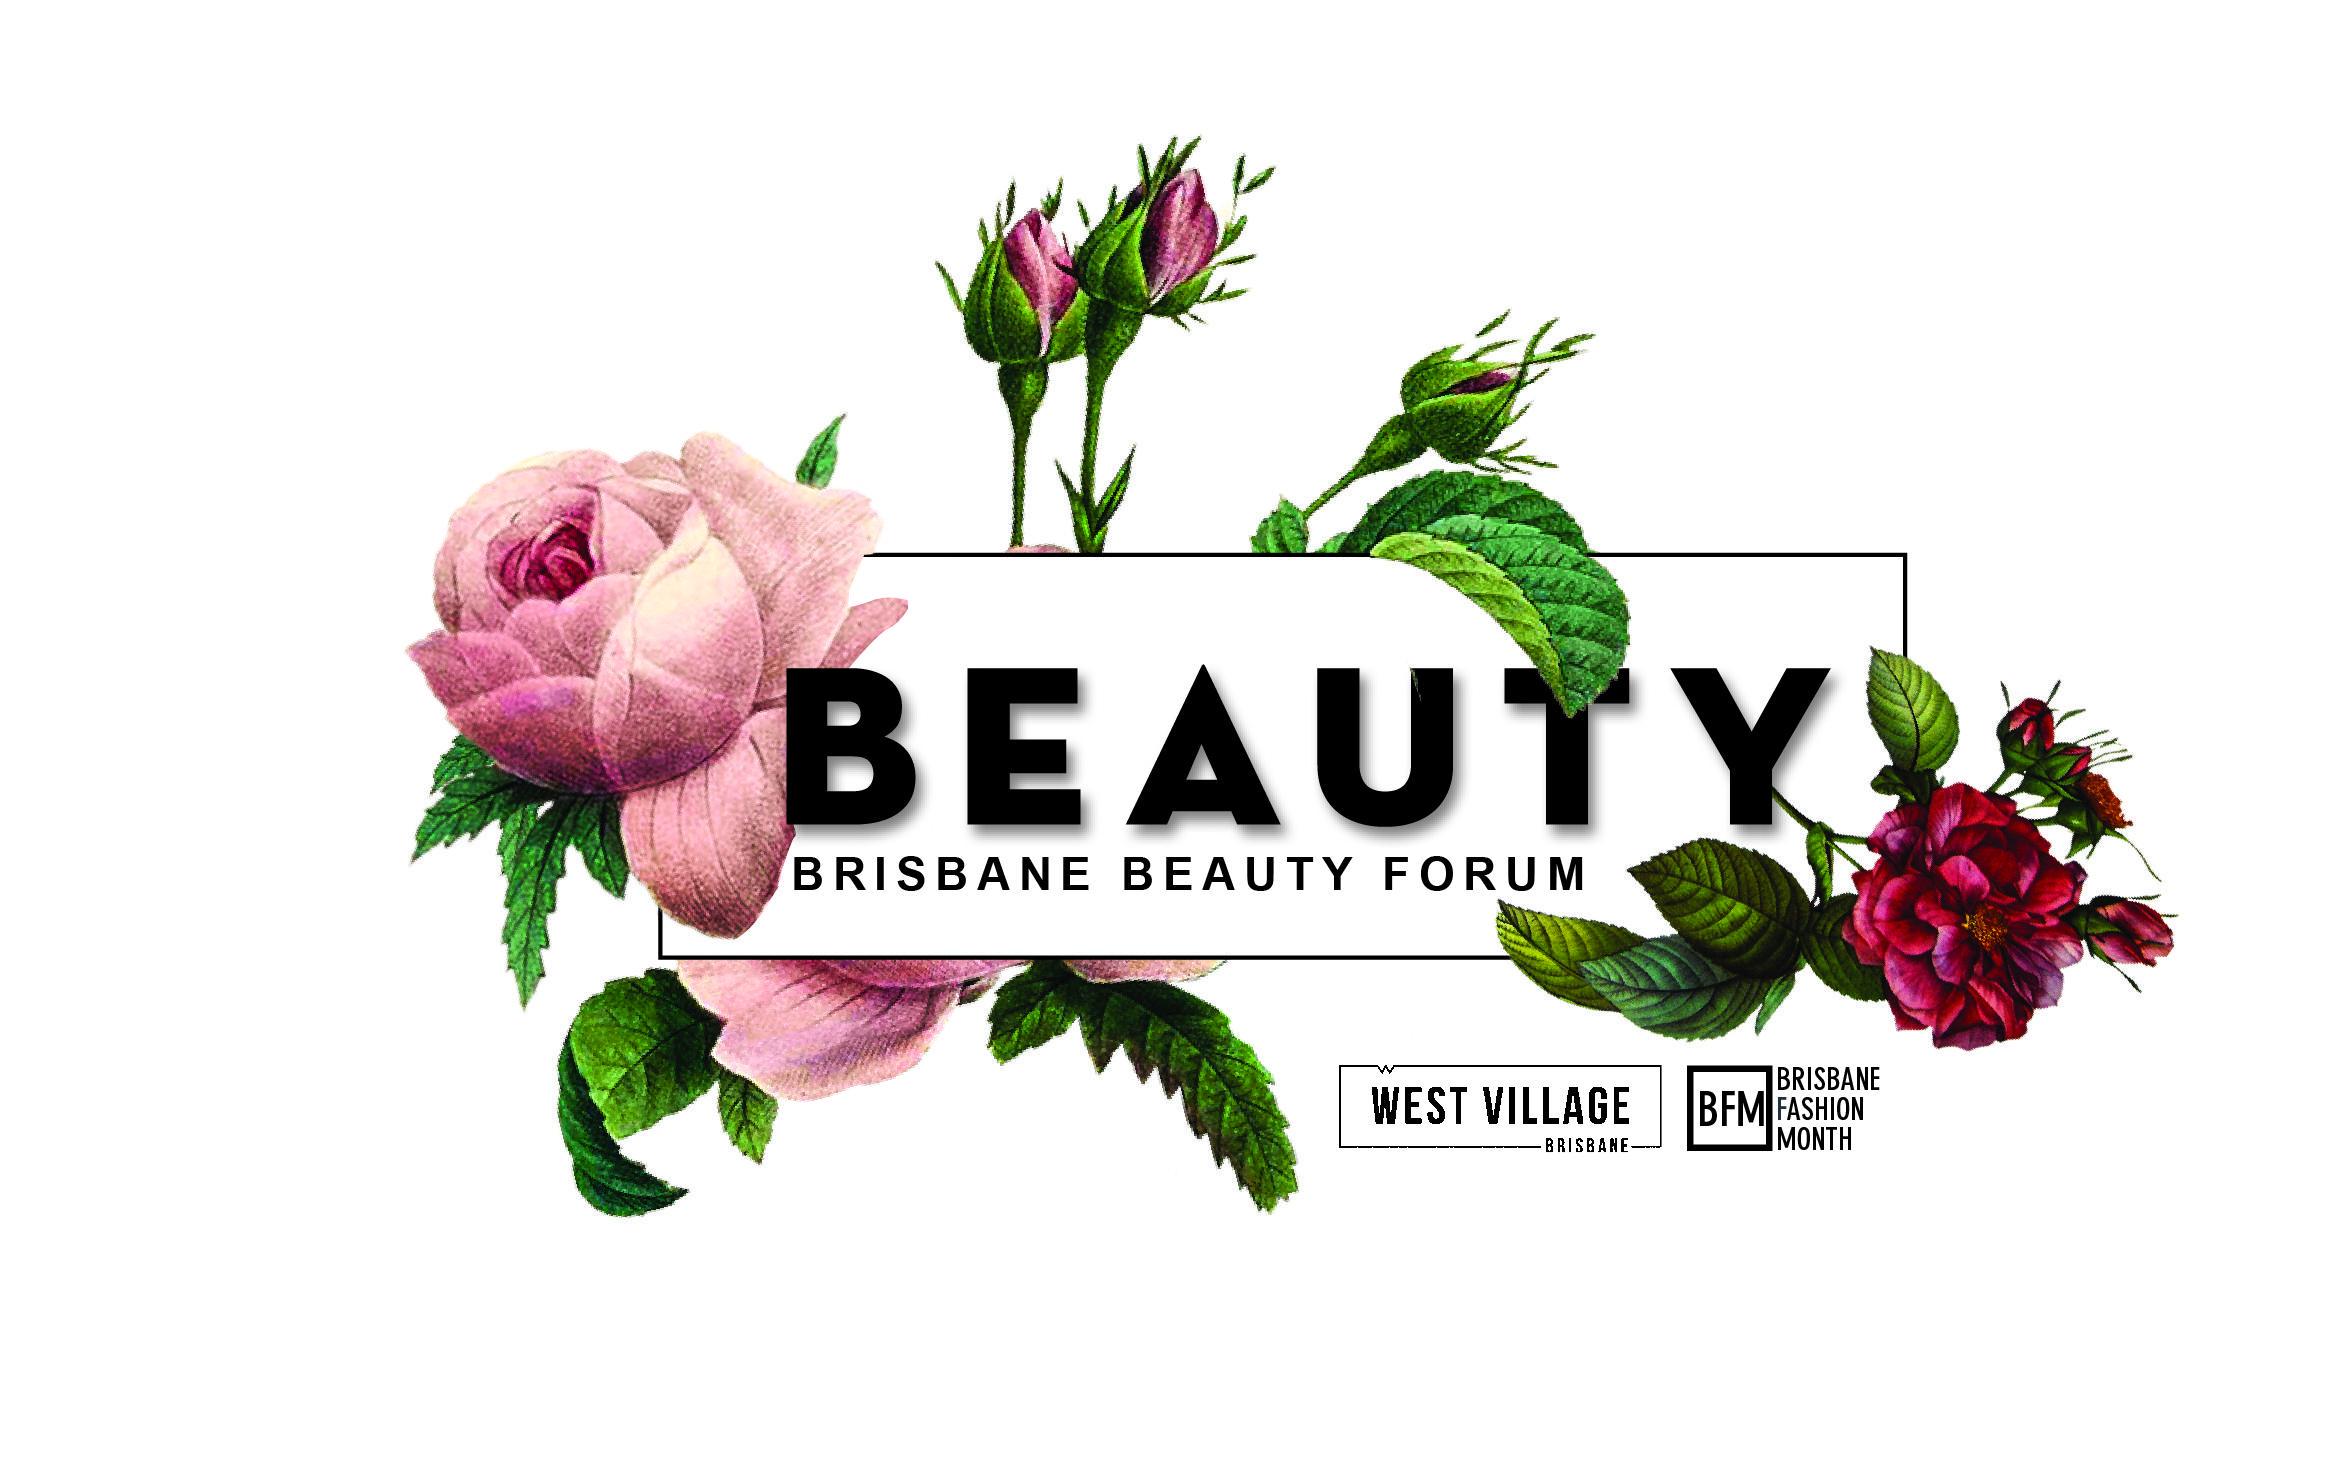 Brisbane Beauty Forum